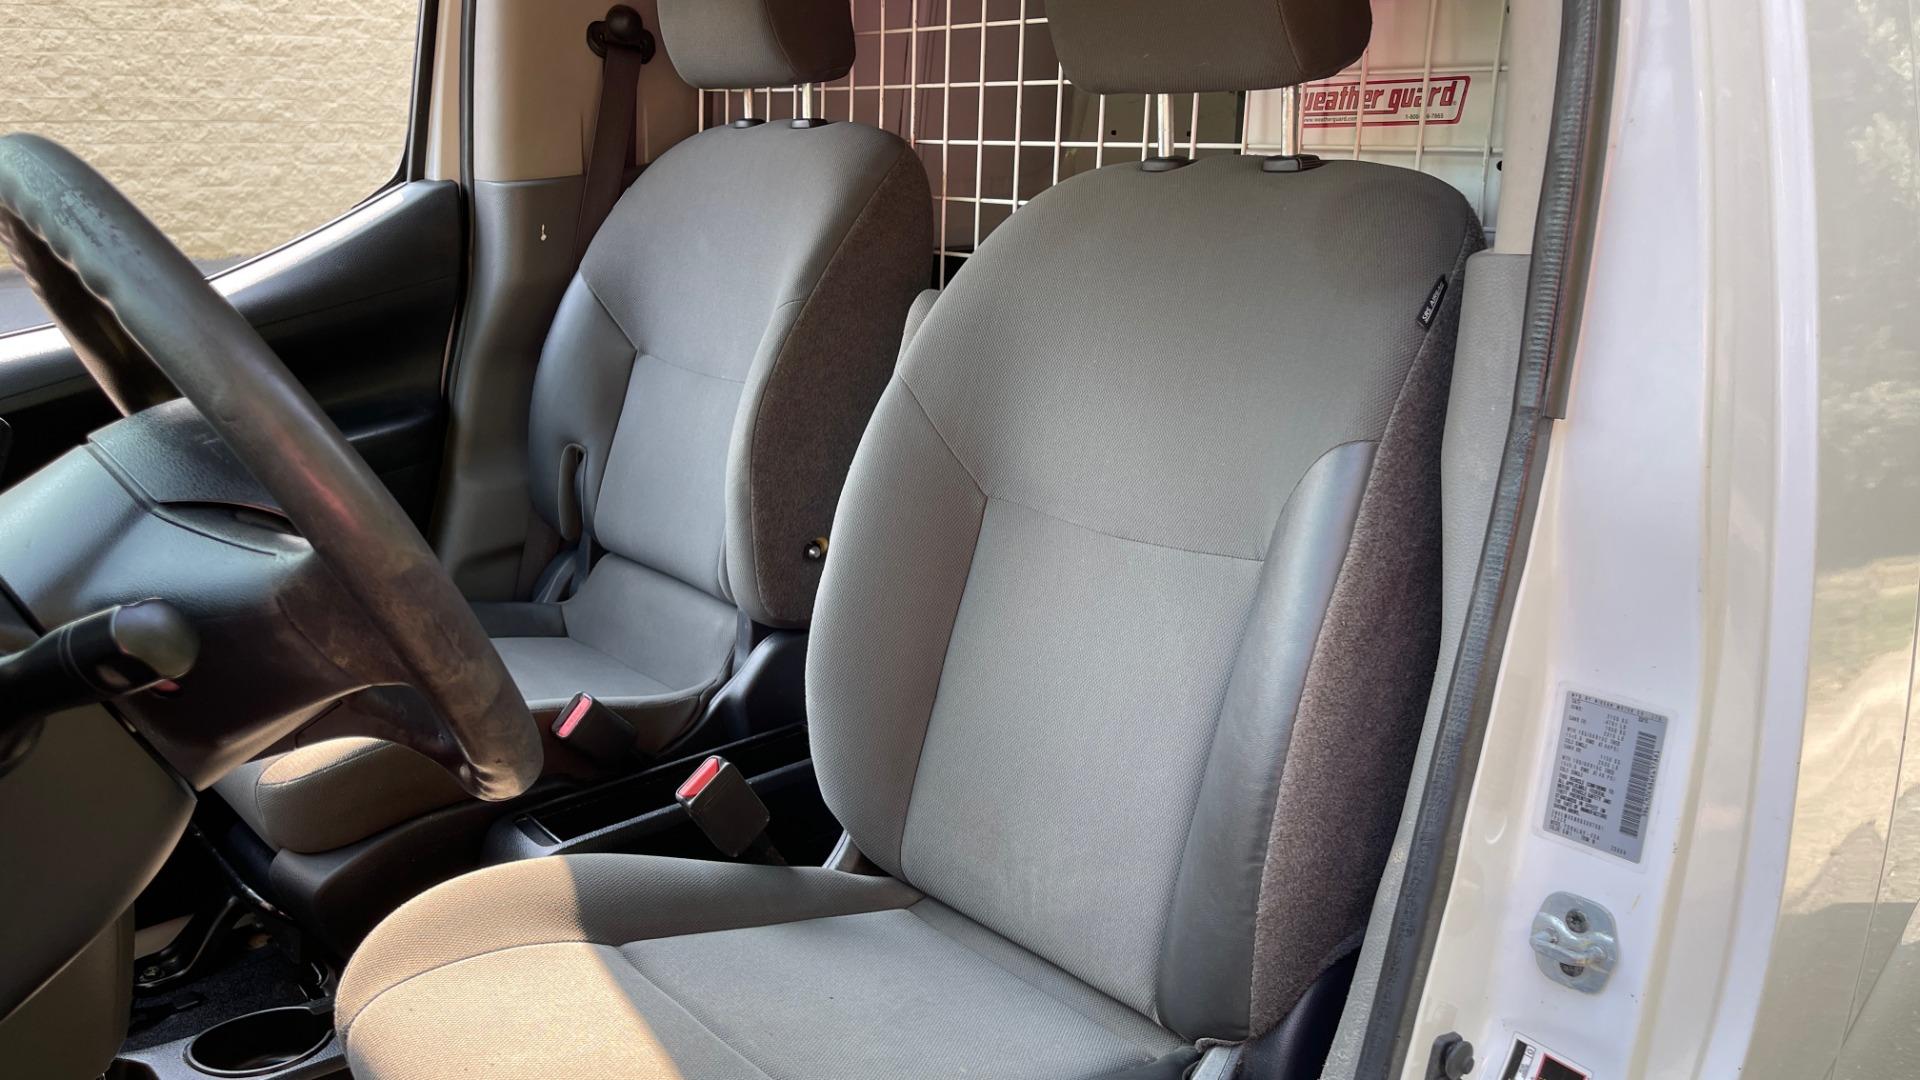 Used 2016 Nissan NV200 SV / WORK VAN / EXT APPEARNACE PKG / SPLASH GUARDS for sale $15,400 at Formula Imports in Charlotte NC 28227 23